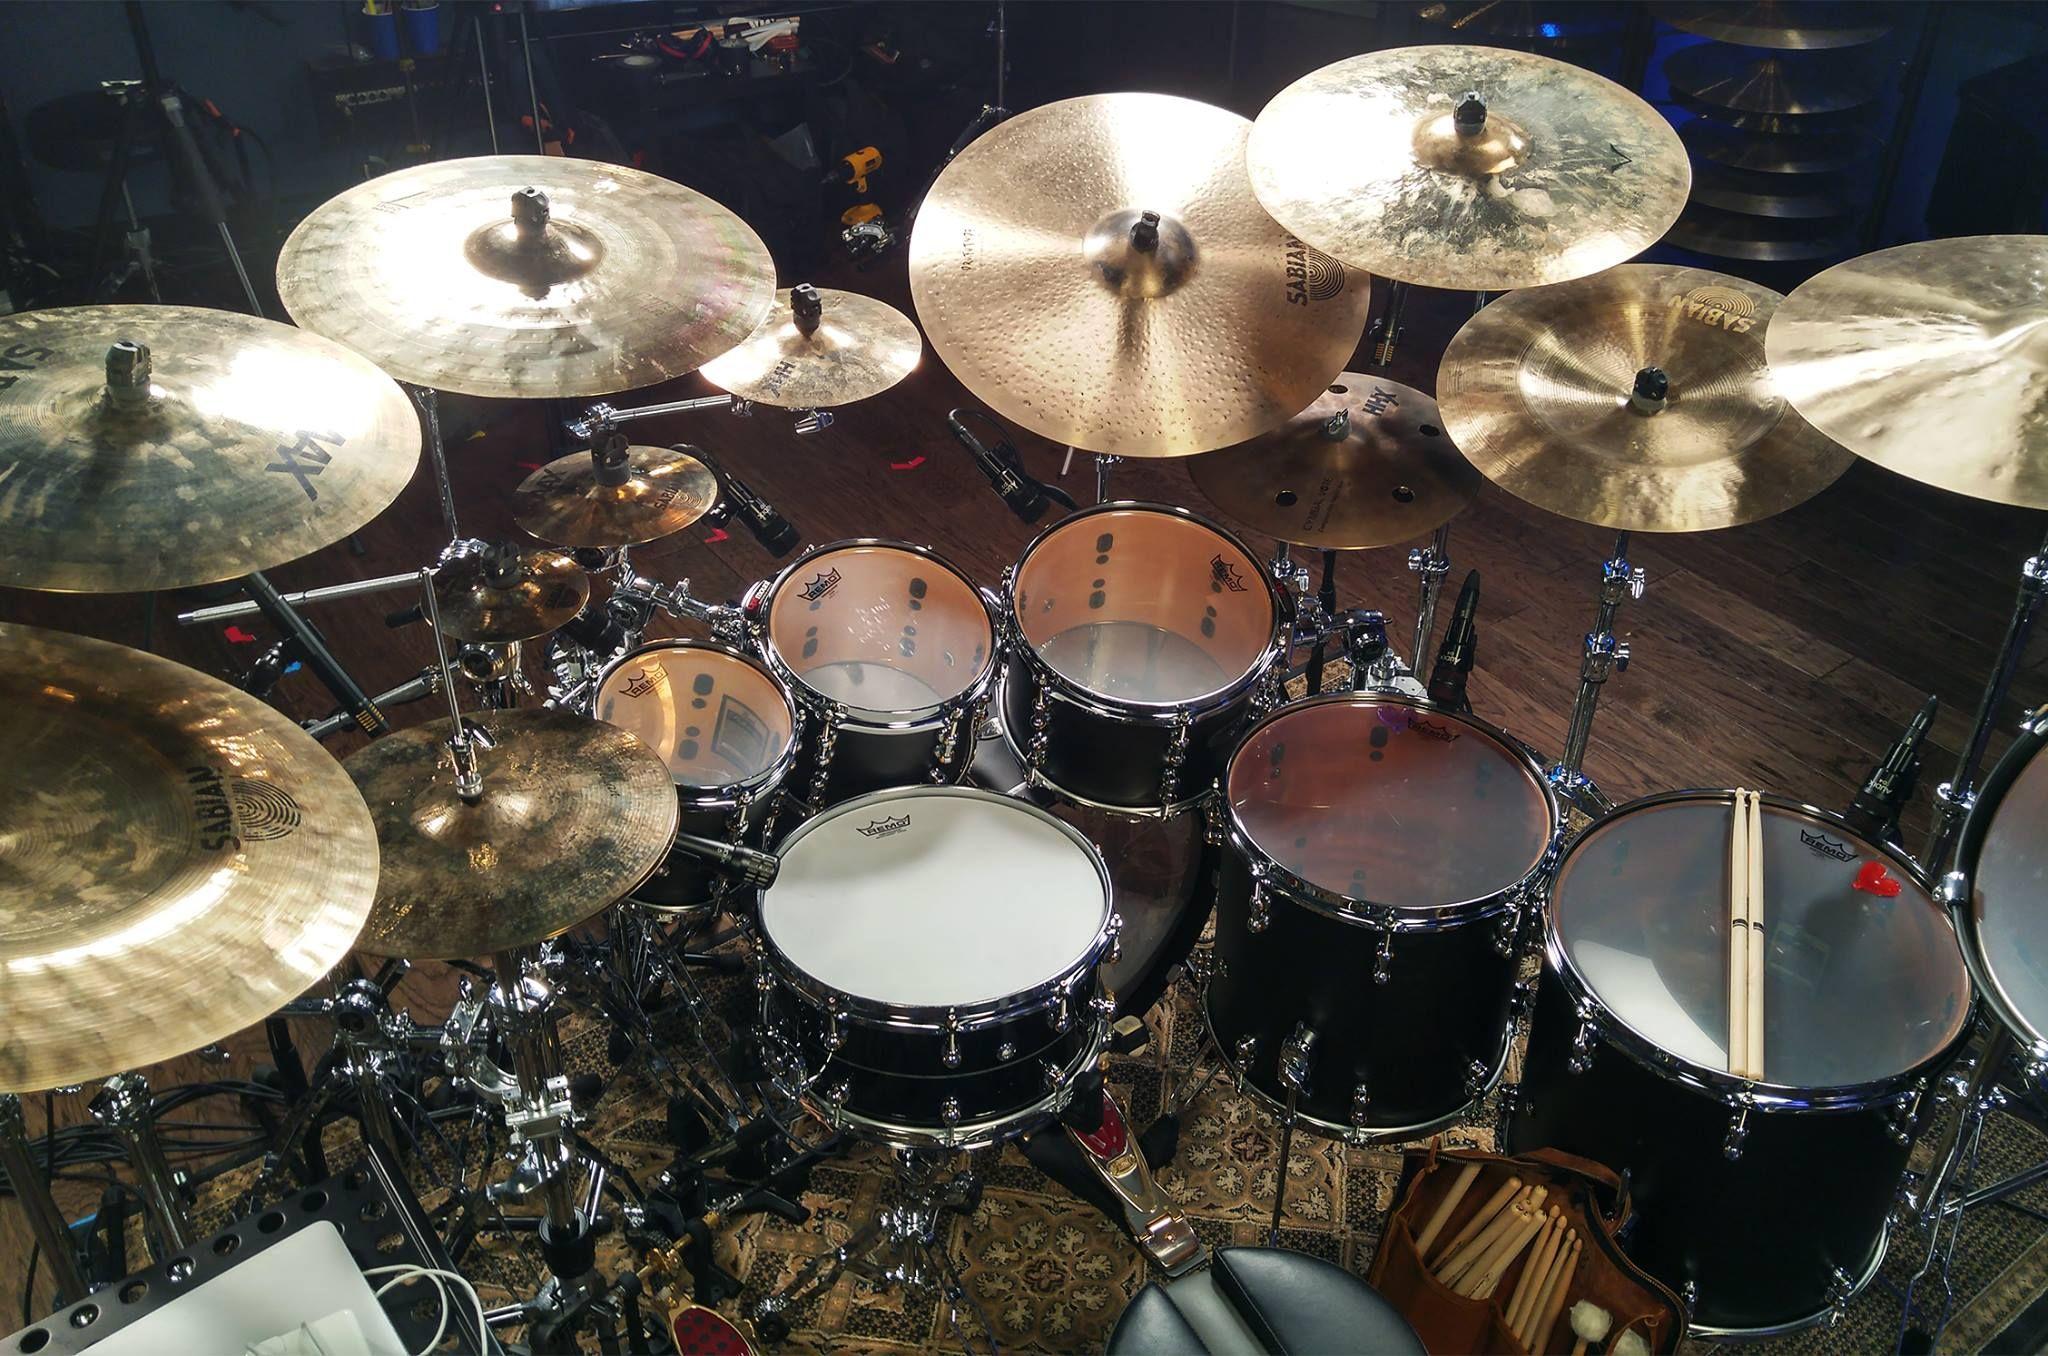 красивые картинки с барабанами подробно